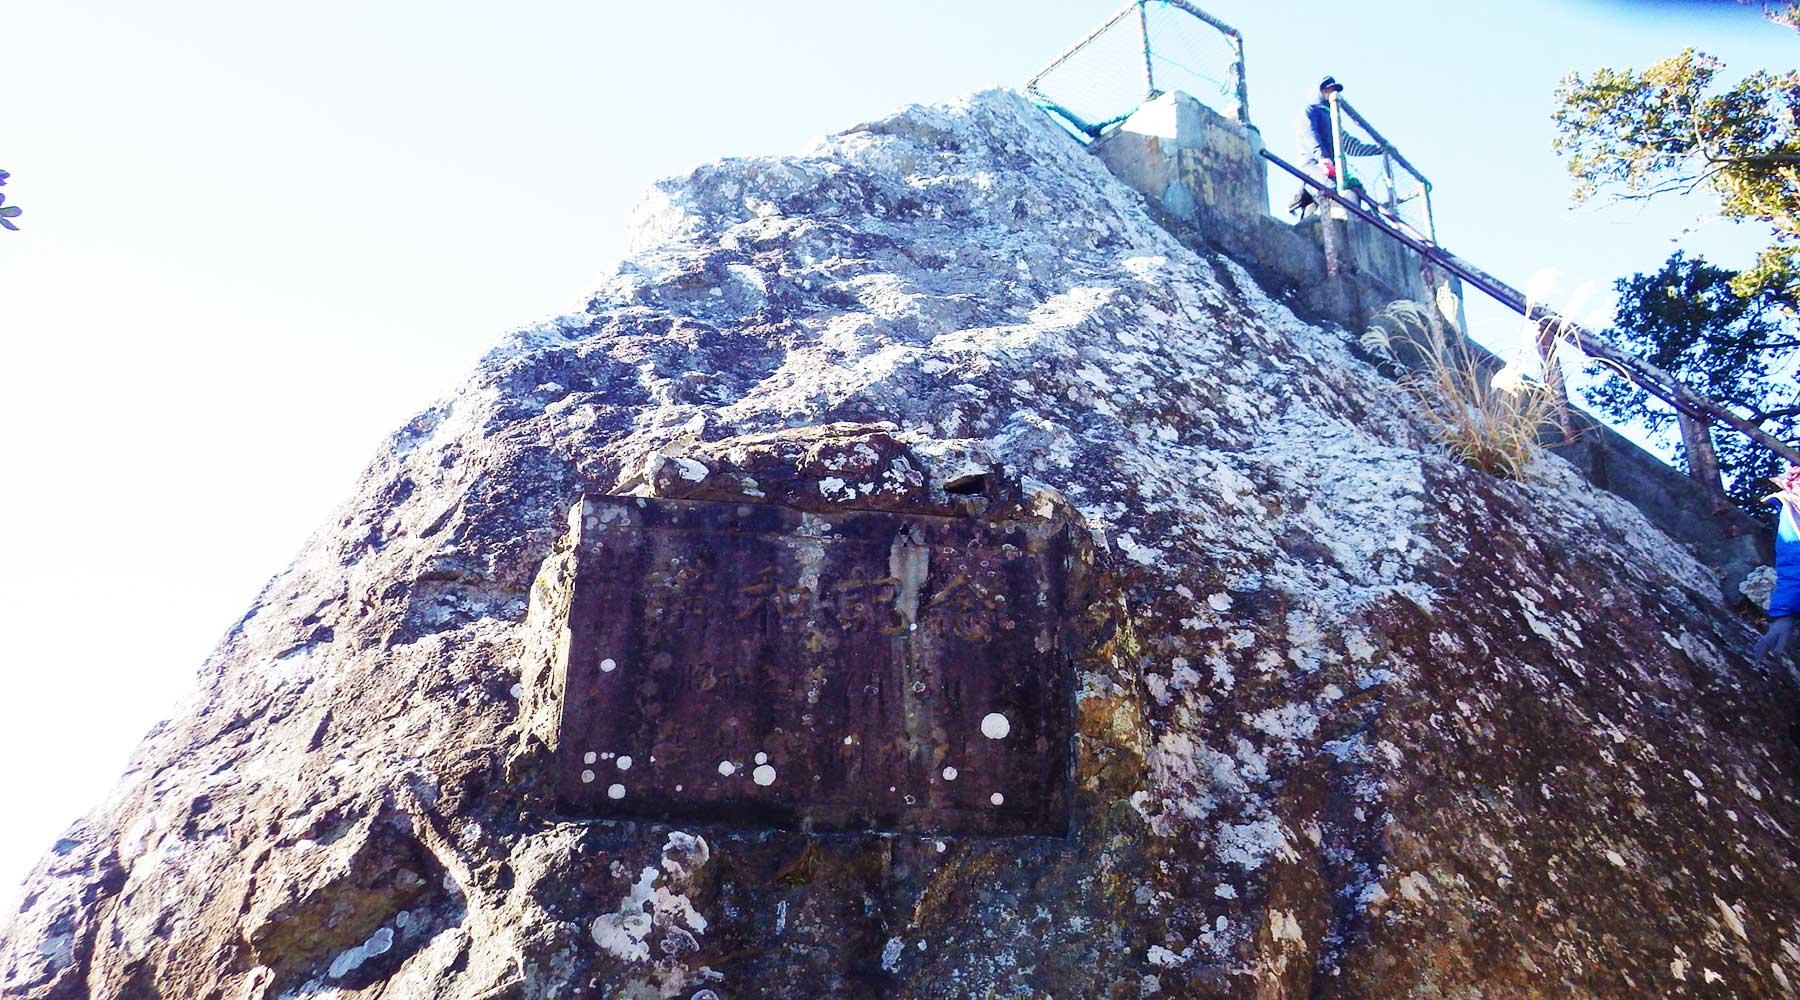 烏帽子山山頂(雲見浅間神社本殿)の岩に埋め込まれた講和記念の石板